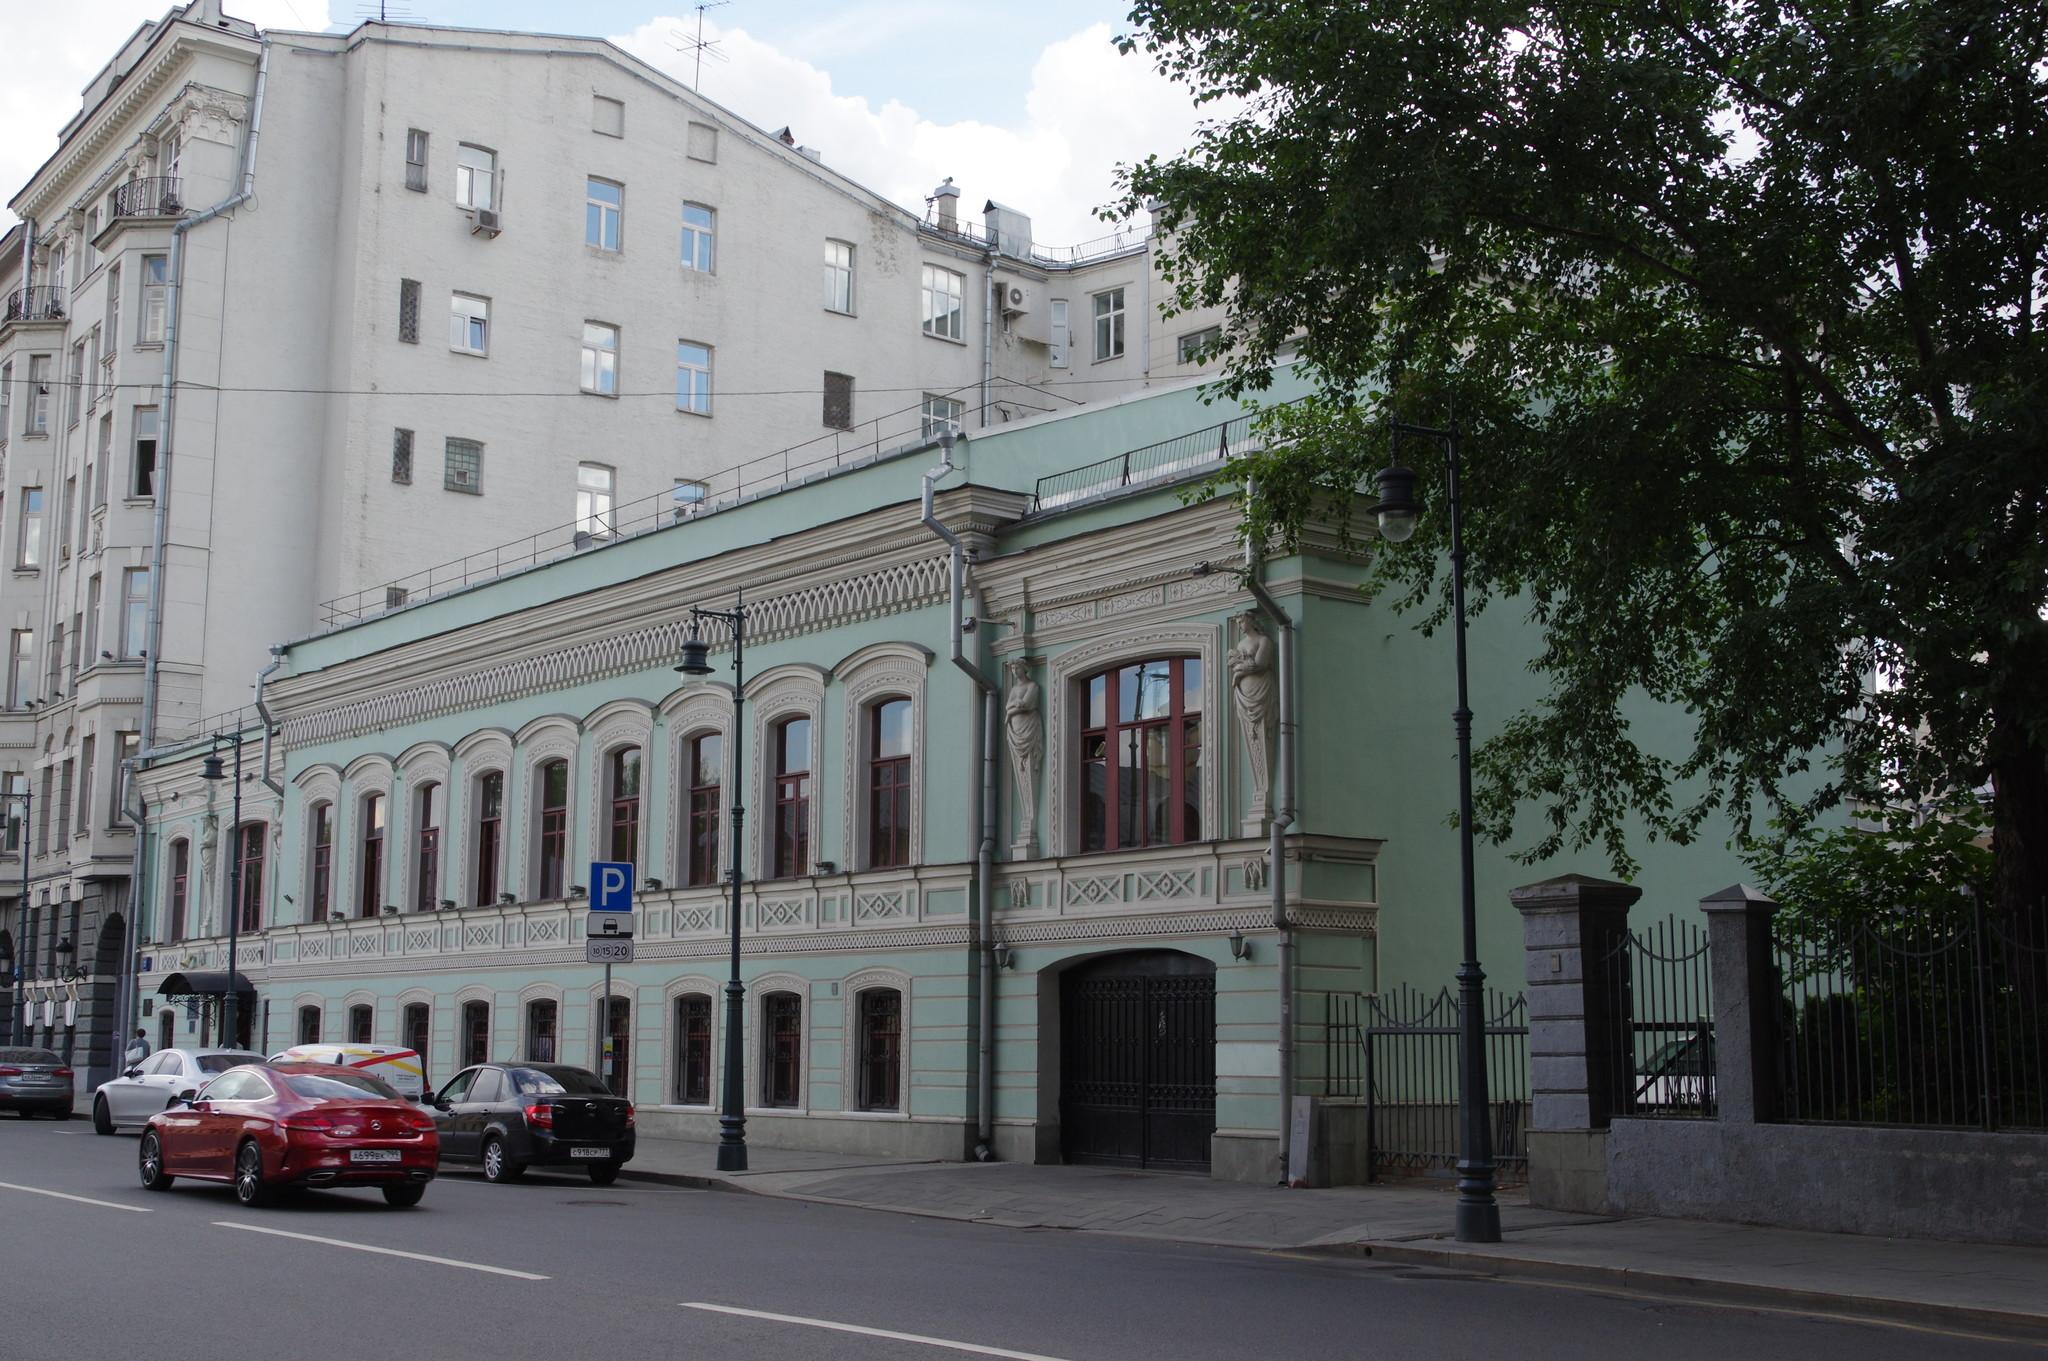 Городская усадьба И.Г. Григорьева - В.П. Писемской (улица Малая Дмитровка, дом 27)